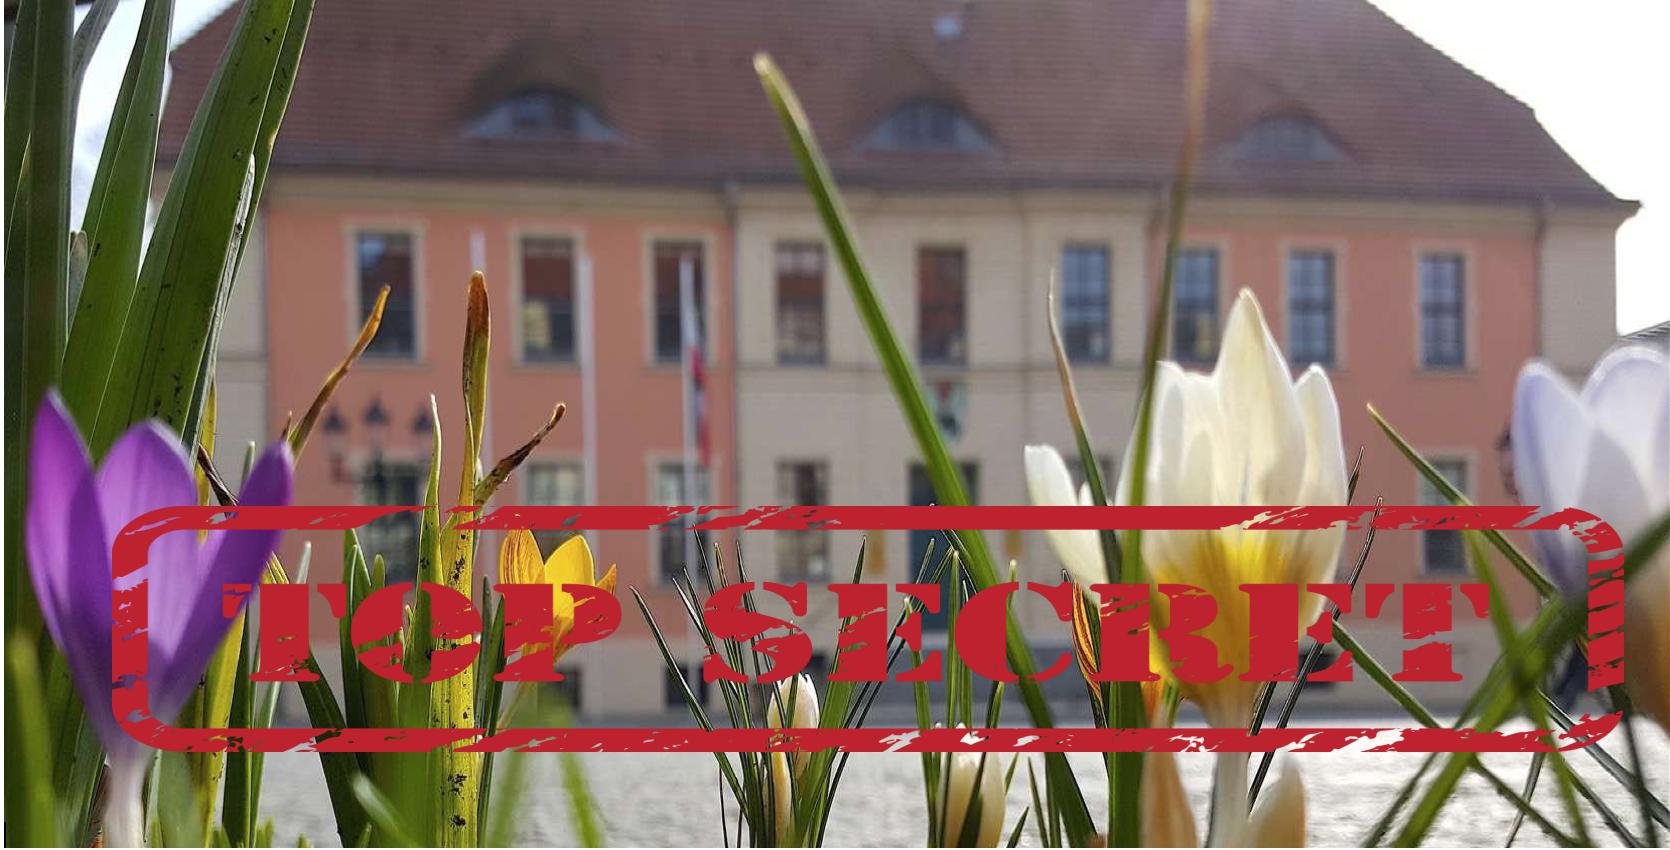 Bernau, Du geheimnisvolle Stadt im verborgenen Mikrokosmos